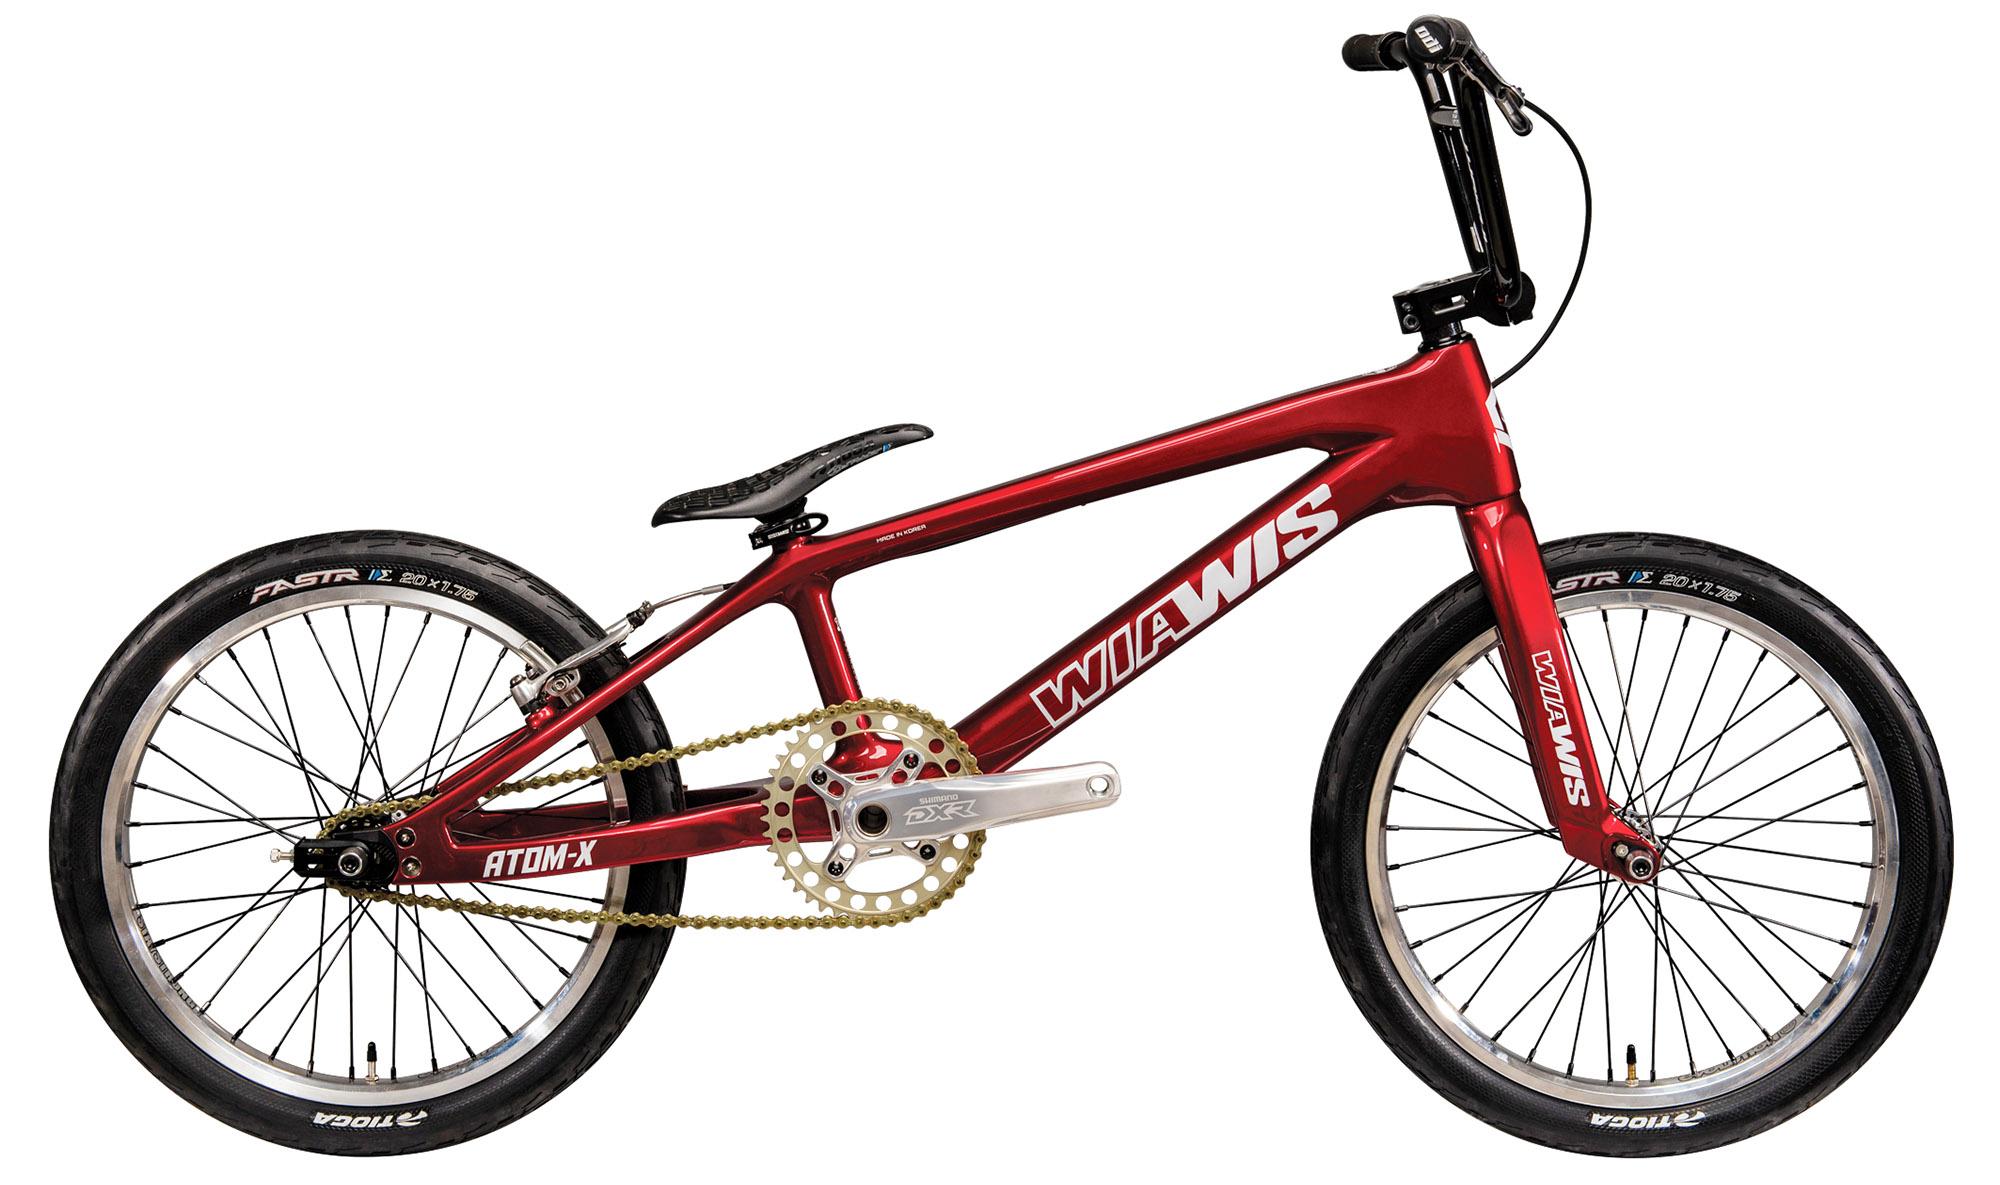 Wiawis-Atom-X-Side bmx bike